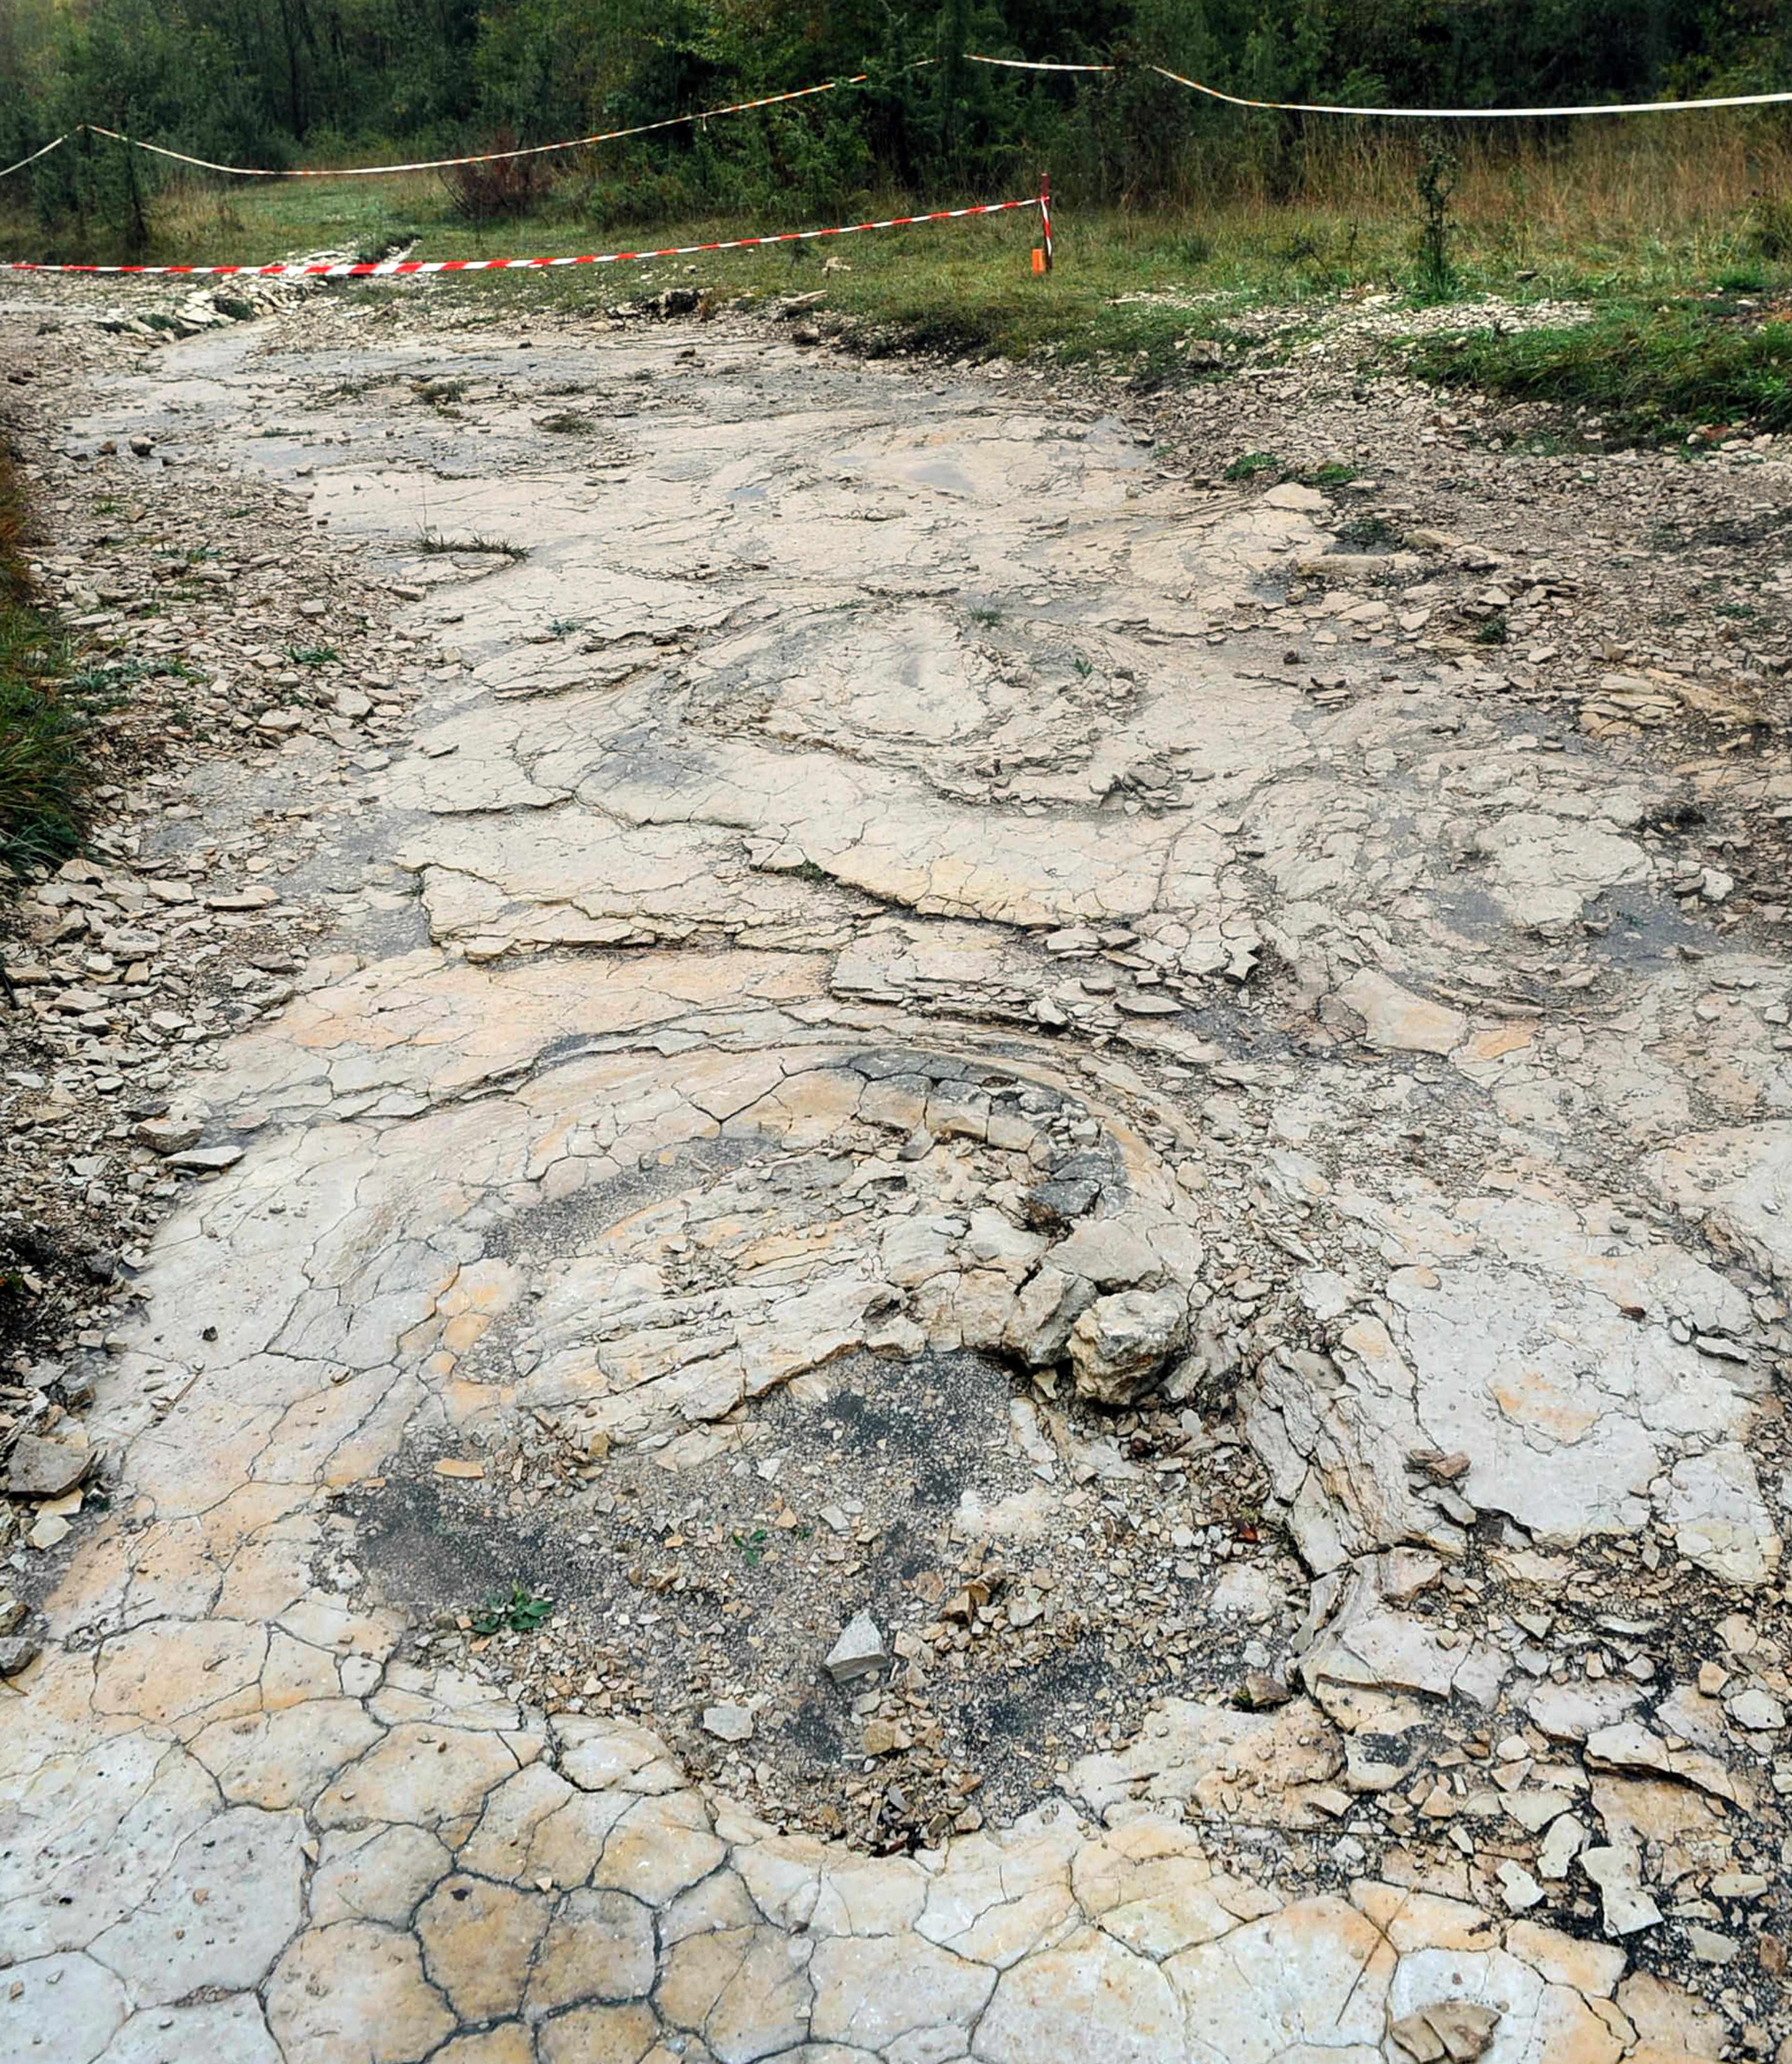 Sentier avec de nombreuses traces de pas de dinosaures.